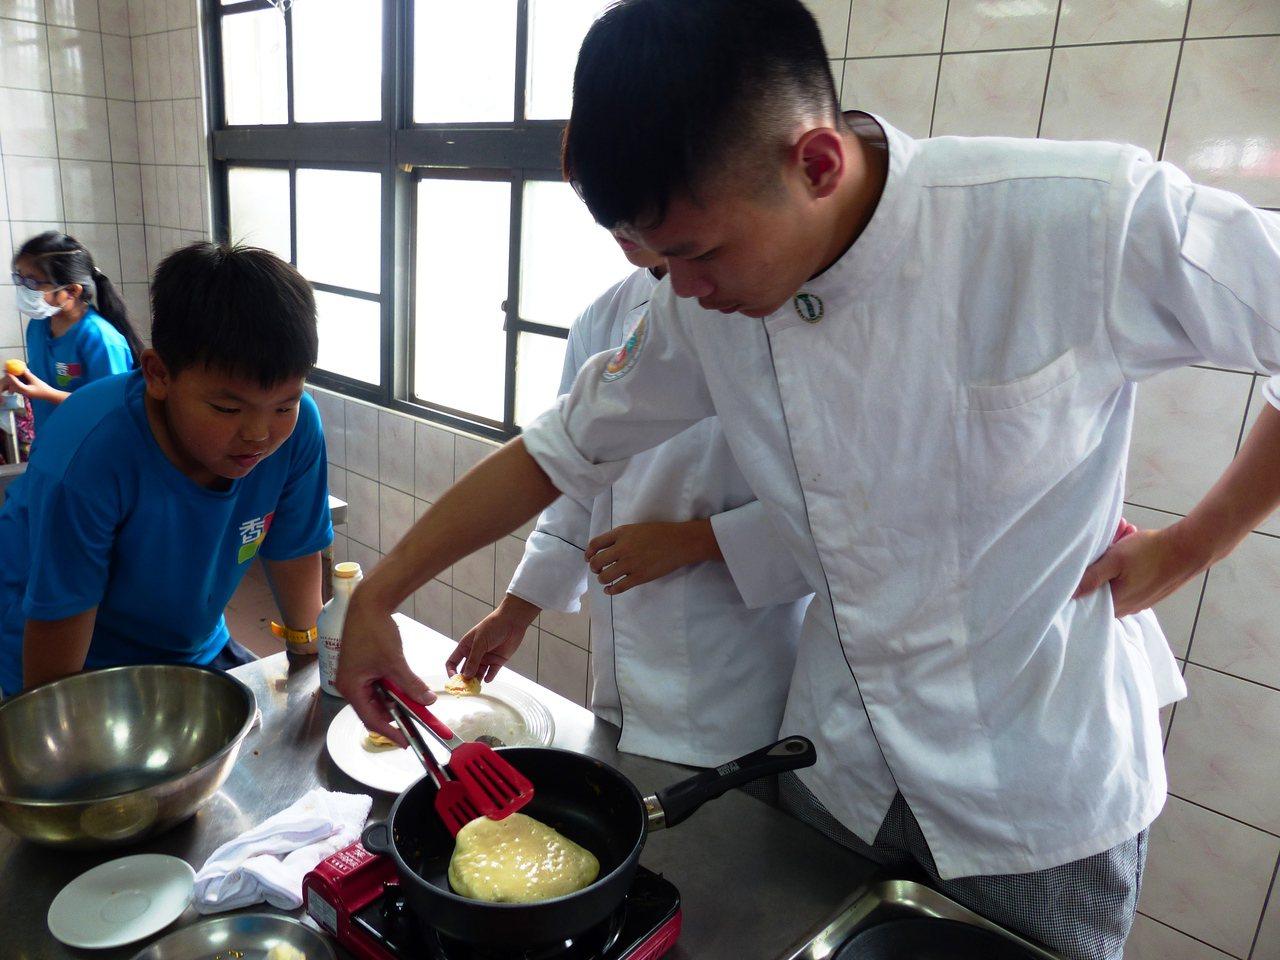 大葉大學餐旅系學生示範,小朋友專心看著如何將銅鑼燒翻面。記者凌筠婷/攝影